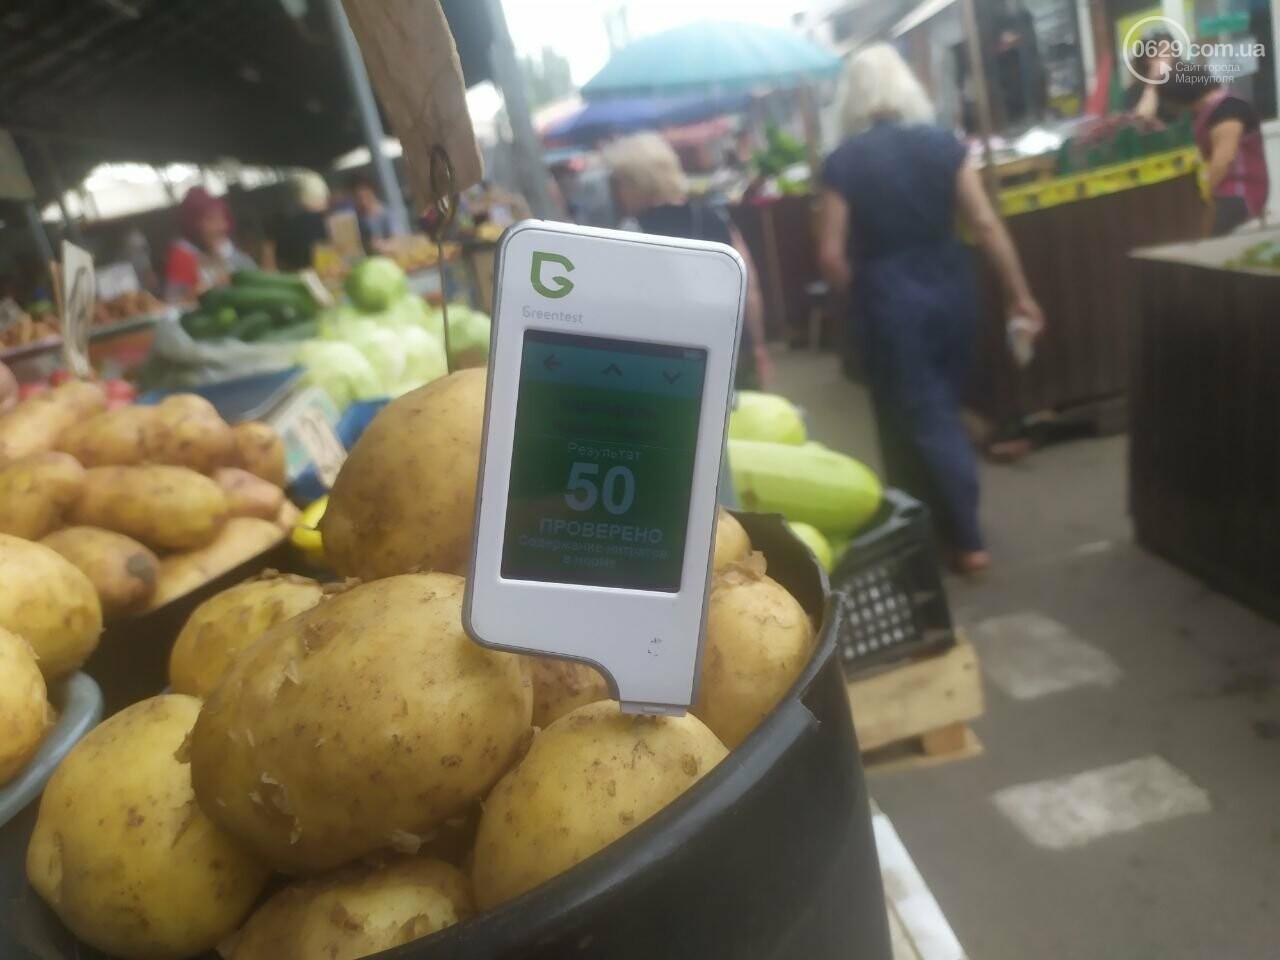 Опасна ли картошка, которую продают в Мариуполе, фото-4